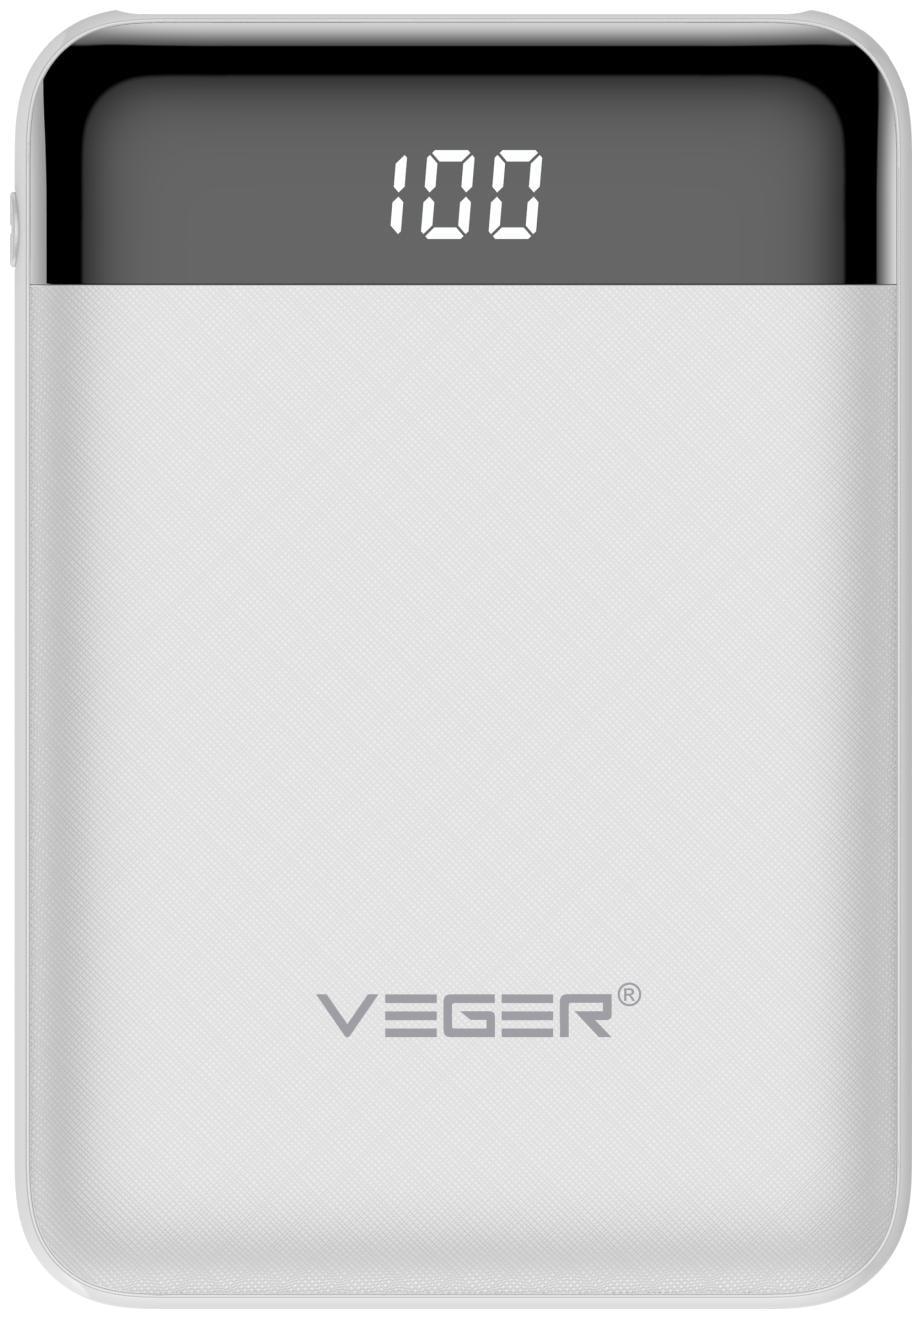 VEGER W1049 10000 mAh Power Bank   White